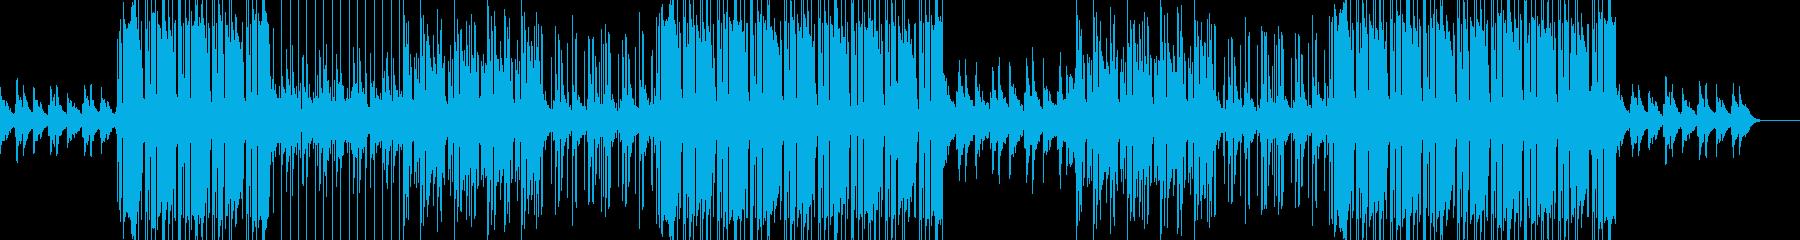 切なくエモいクールなLofiヒップホップの再生済みの波形